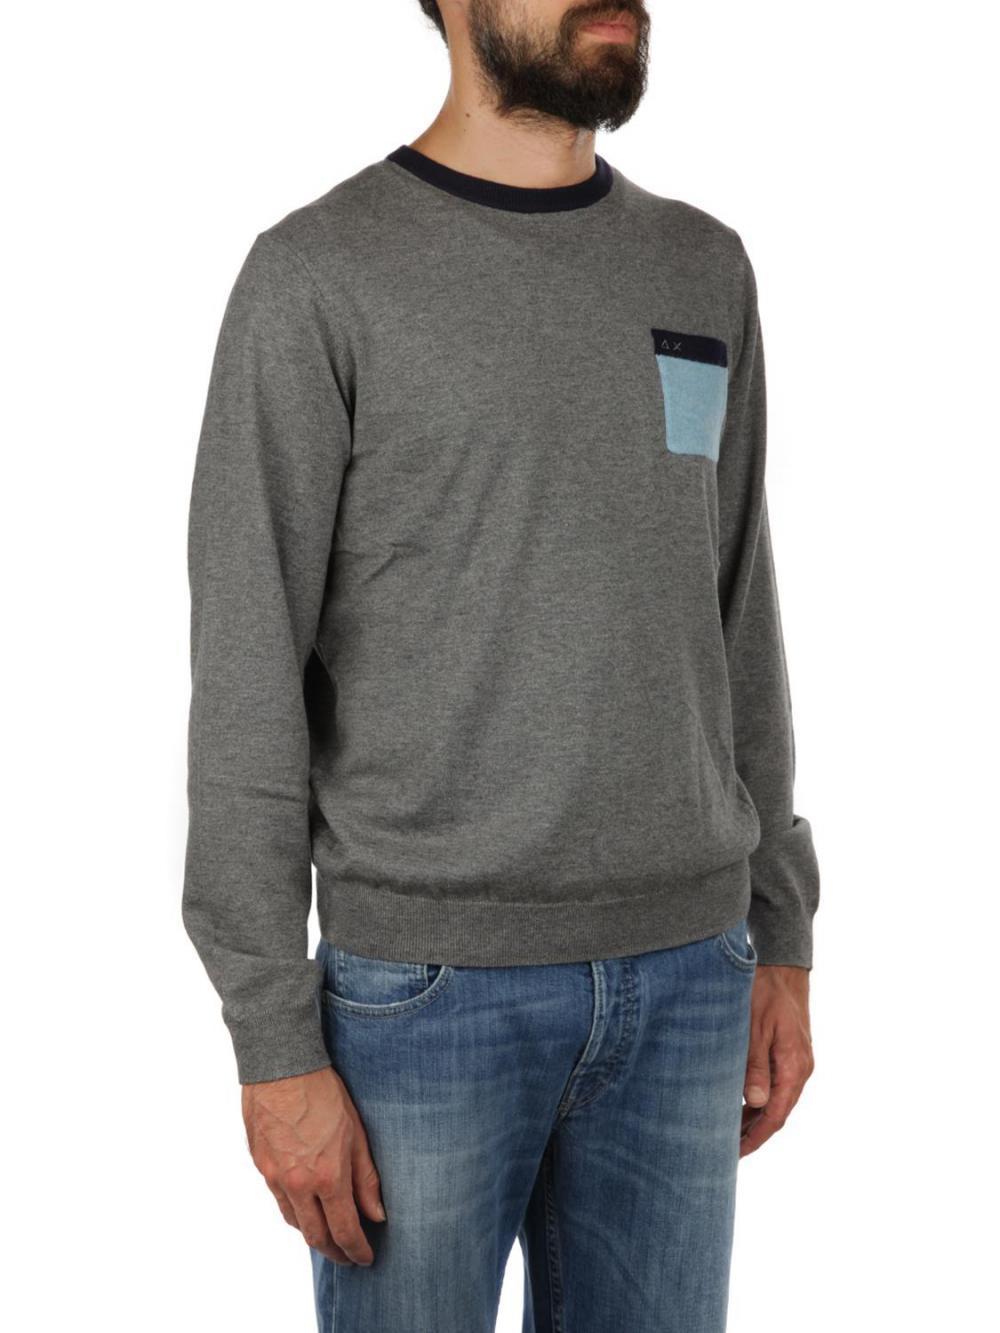 pullover-in-lana-e-cotone-uomo-sun68-cod-k28127